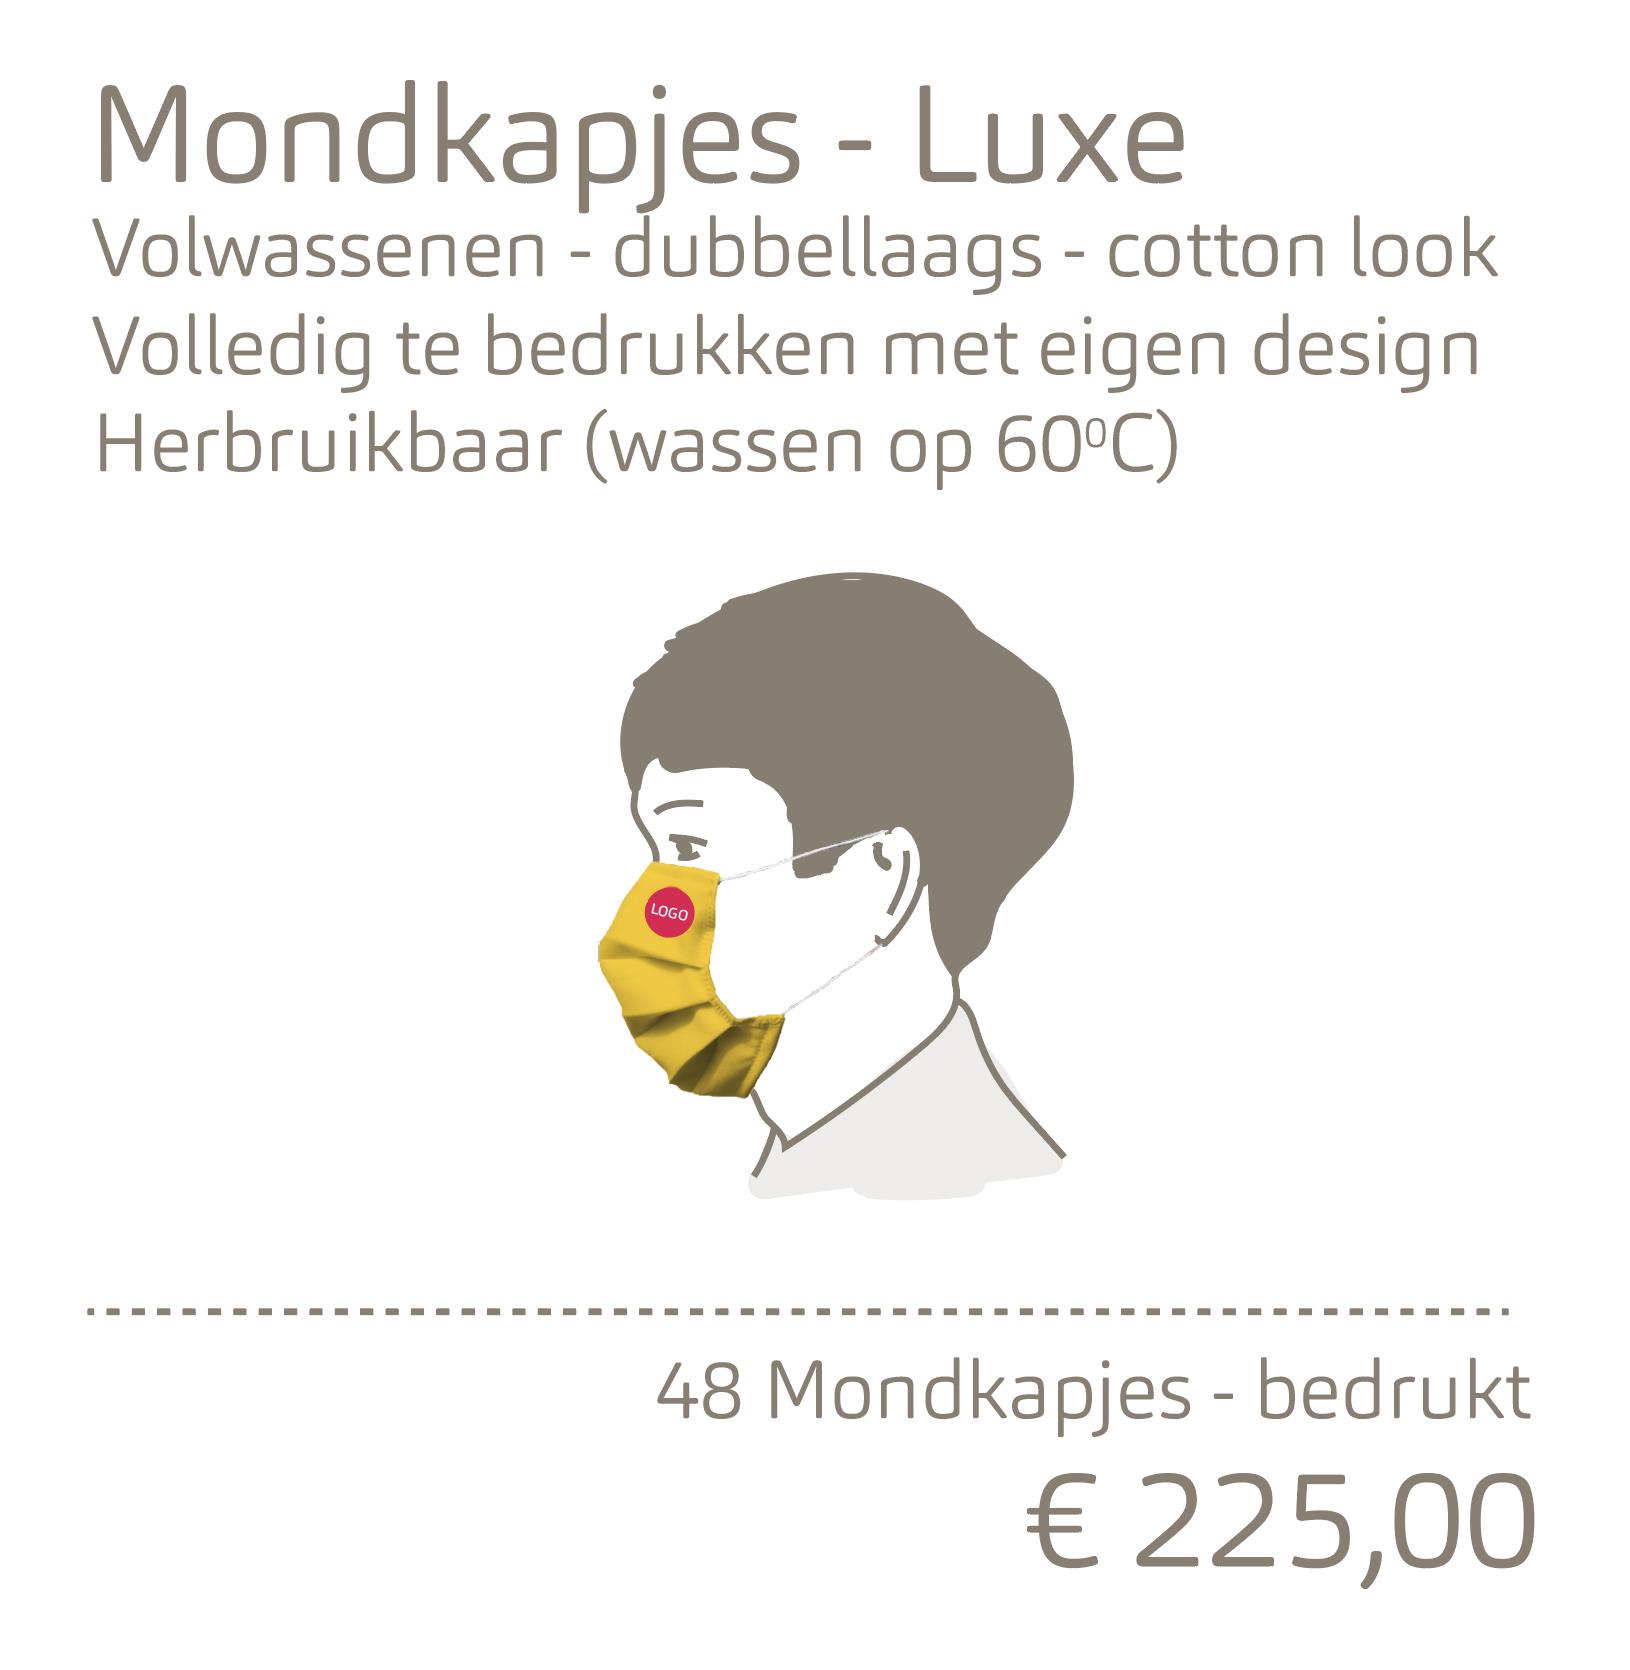 Mondkapjes-Luxe